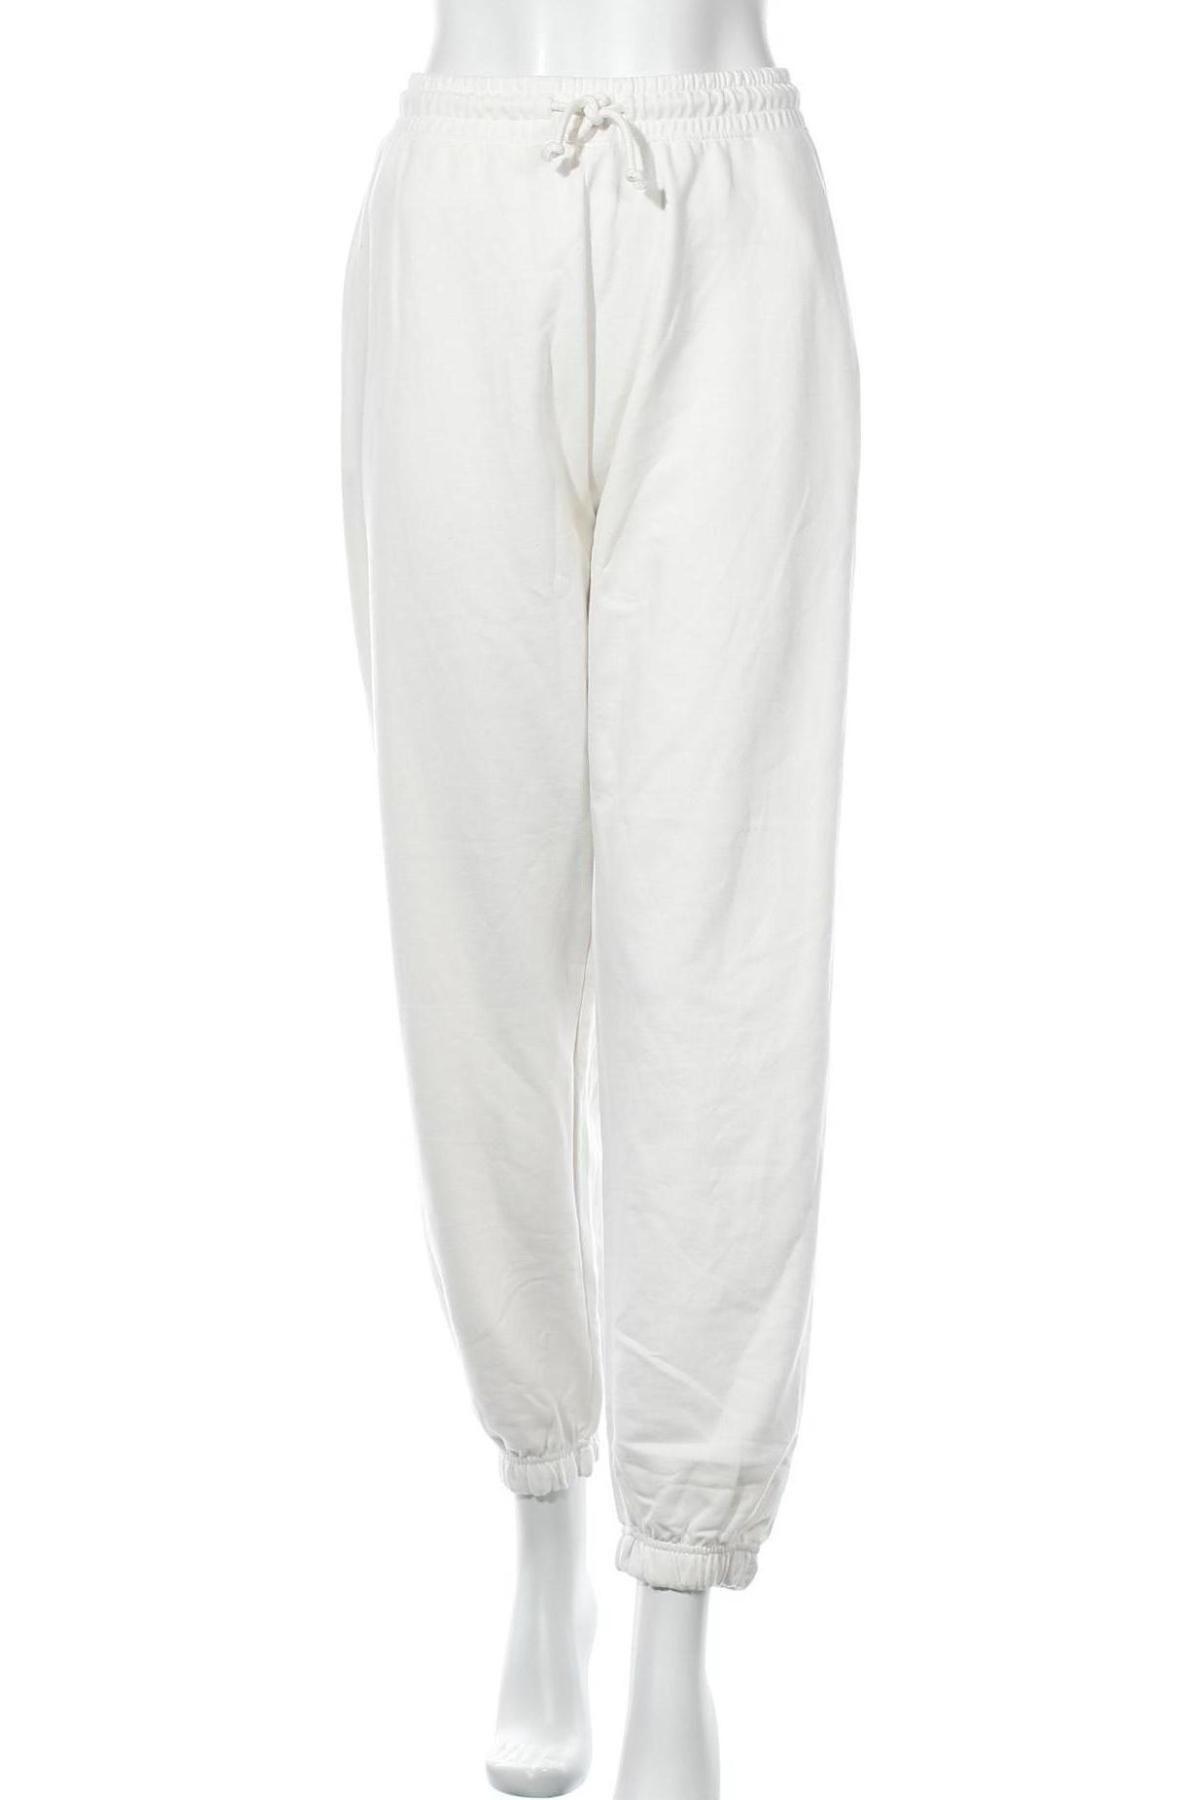 Γυναικείο αθλητικό παντελόνι Missguided, Μέγεθος XL, Χρώμα Λευκό, 55% πολυεστέρας, 45% βαμβάκι, Τιμή 14,69€